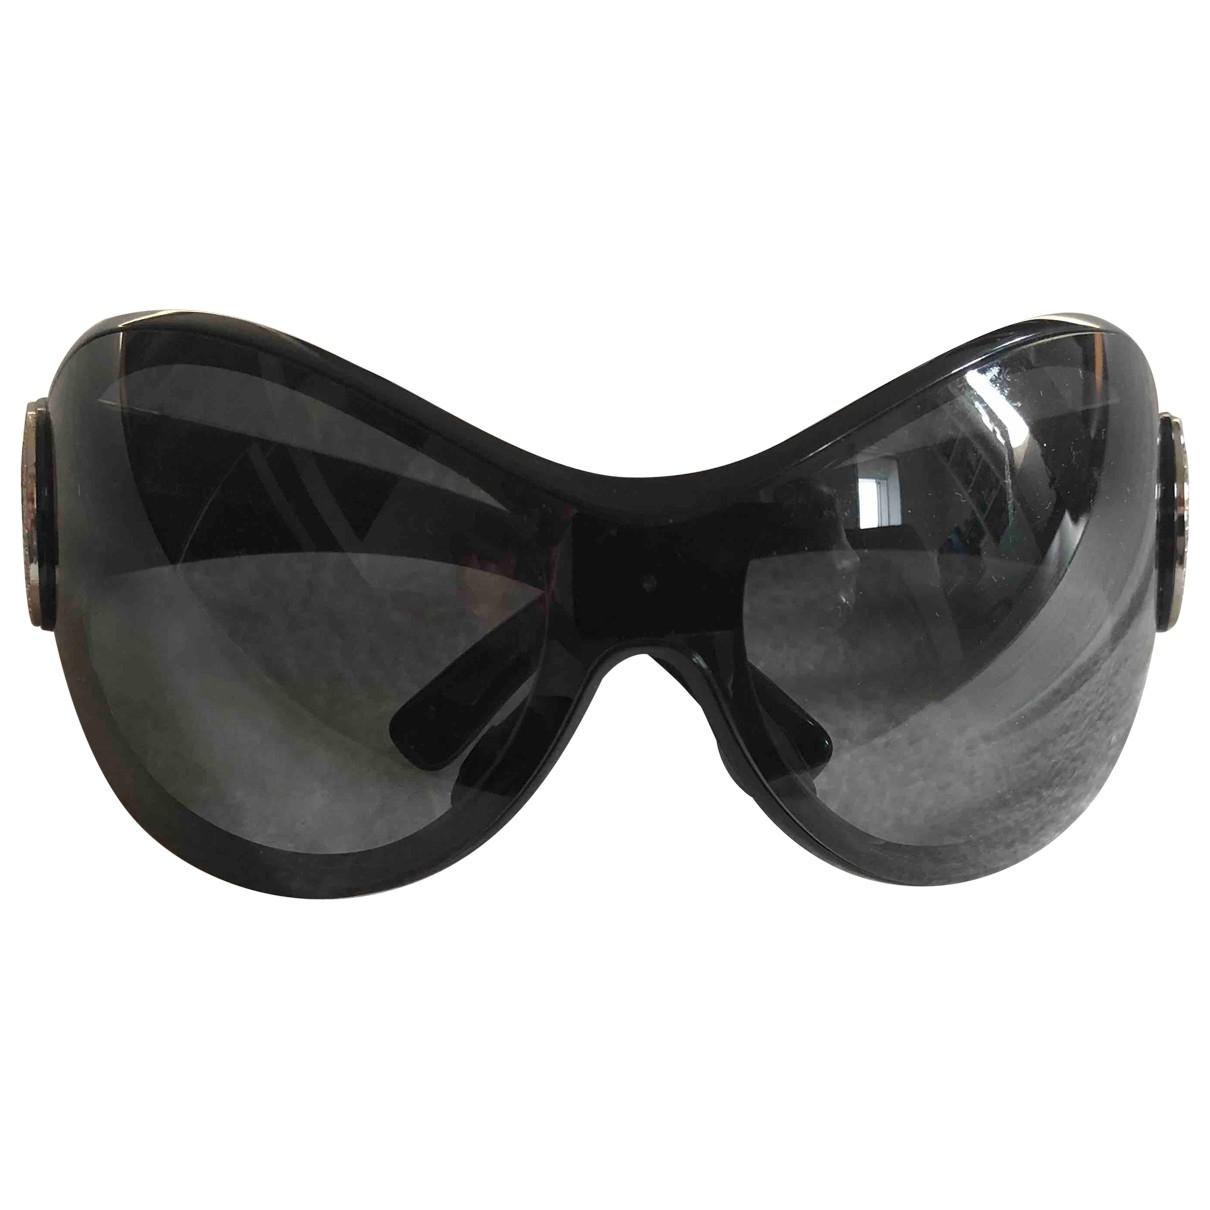 Gafas mascara Dolce & Gabbana